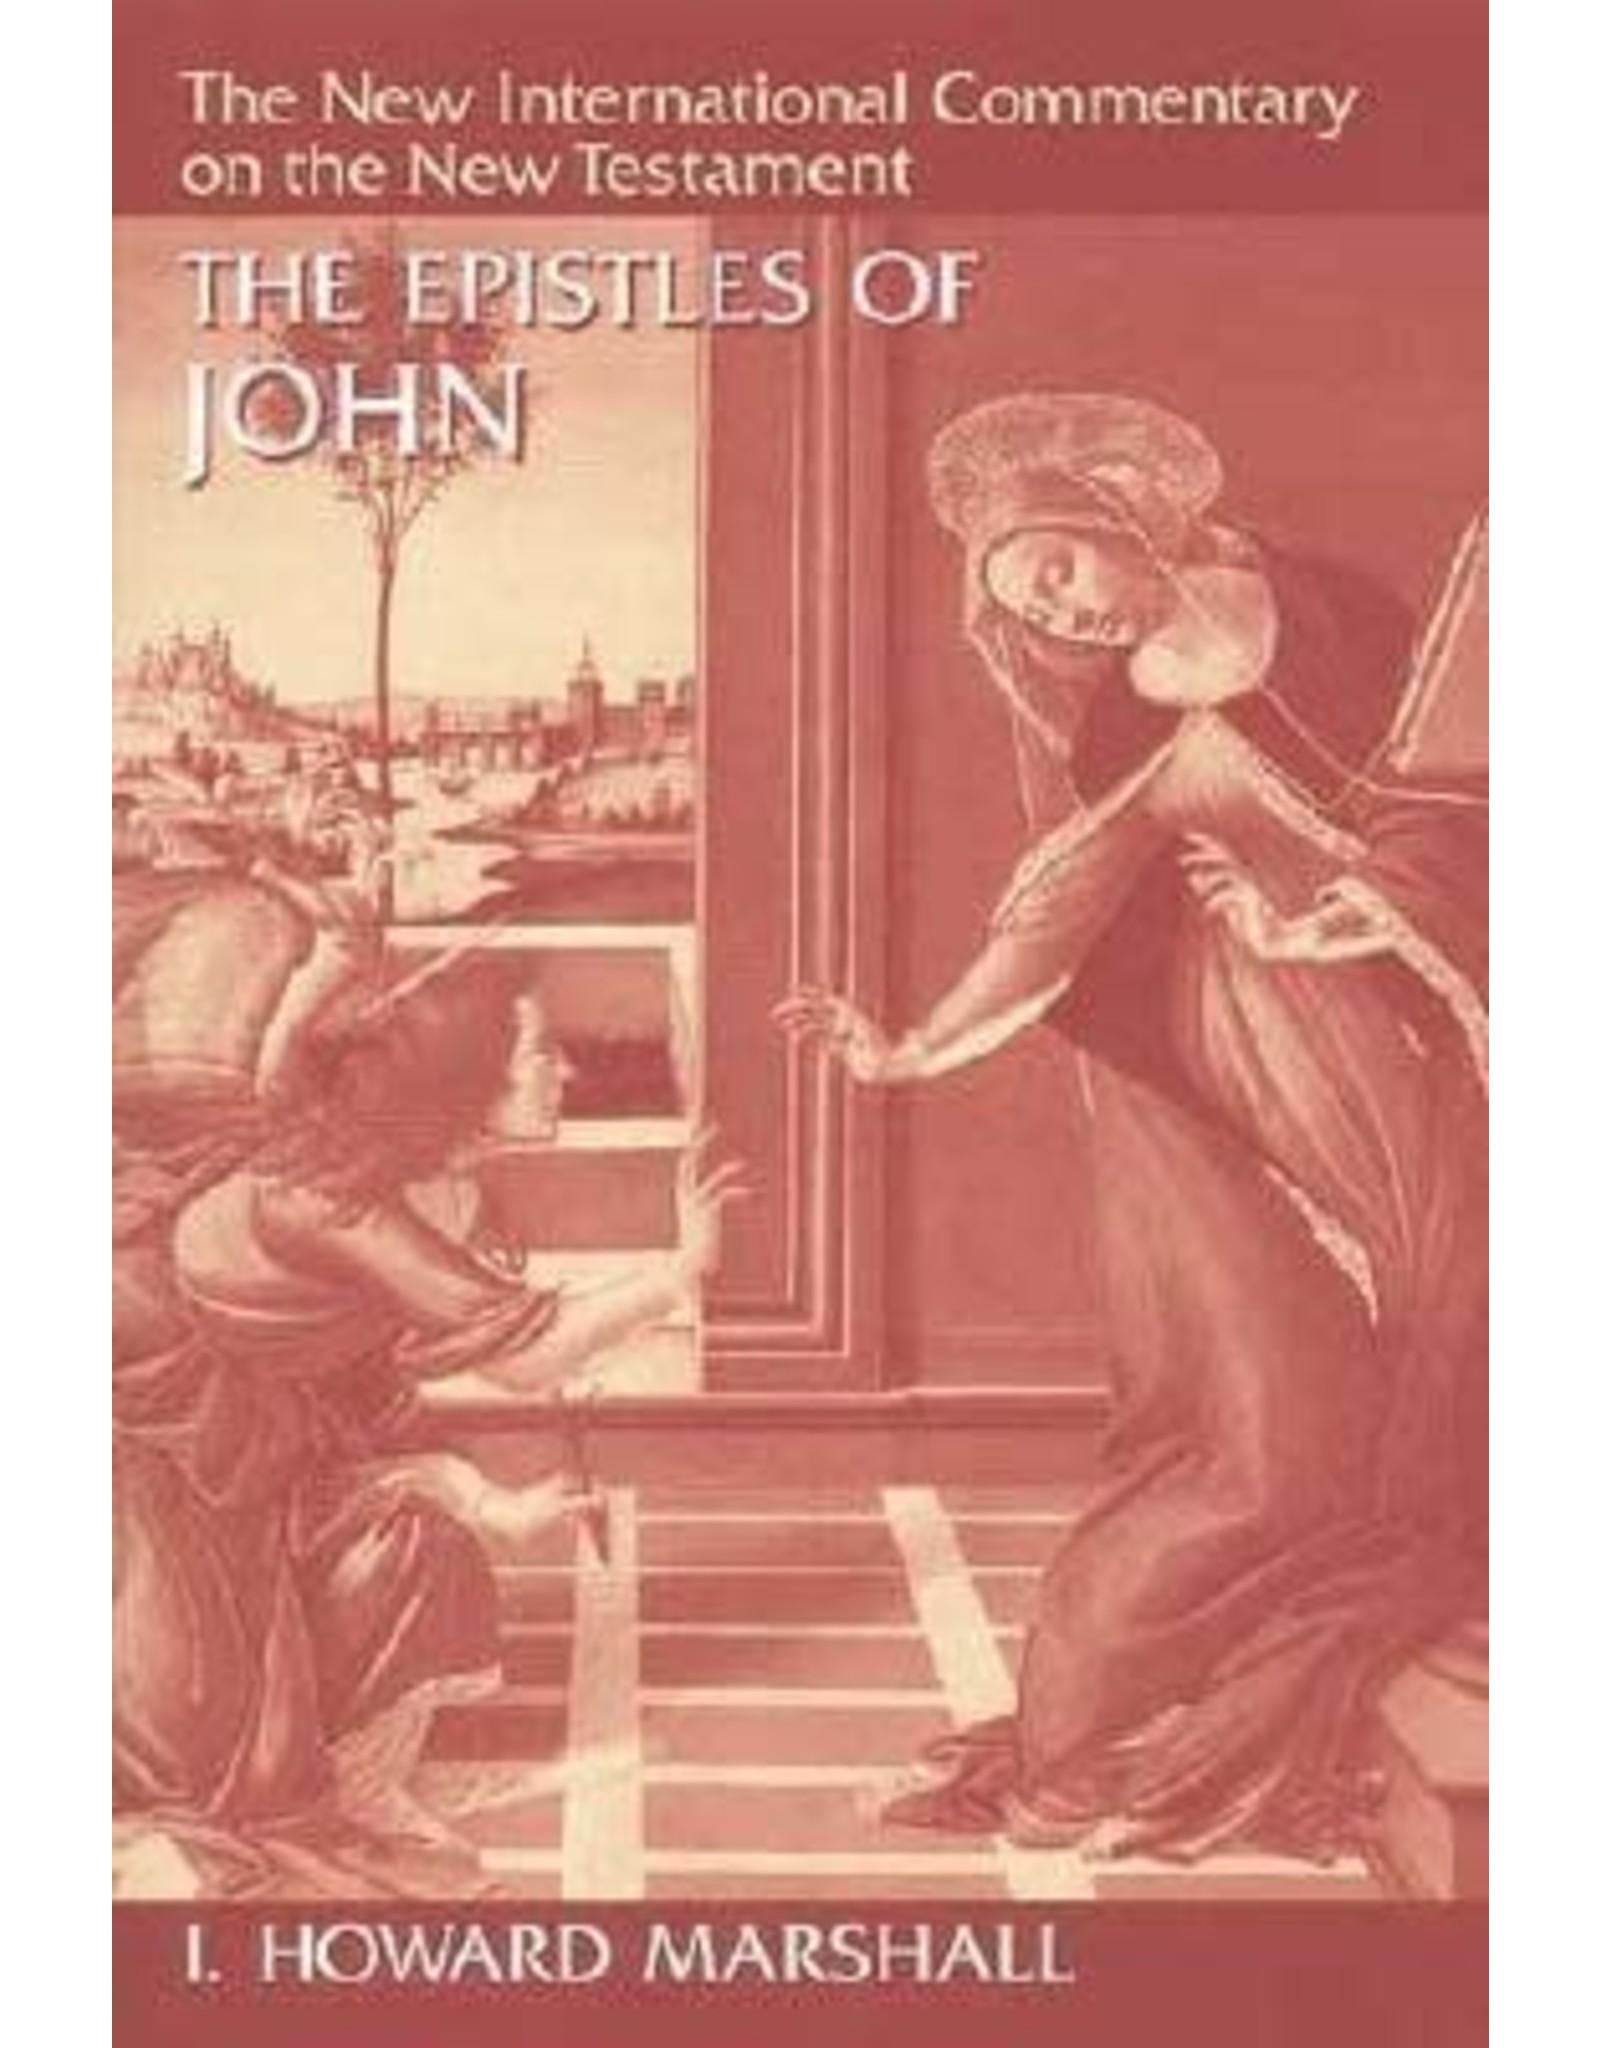 Marshall New International Commentary - The Epistles of John